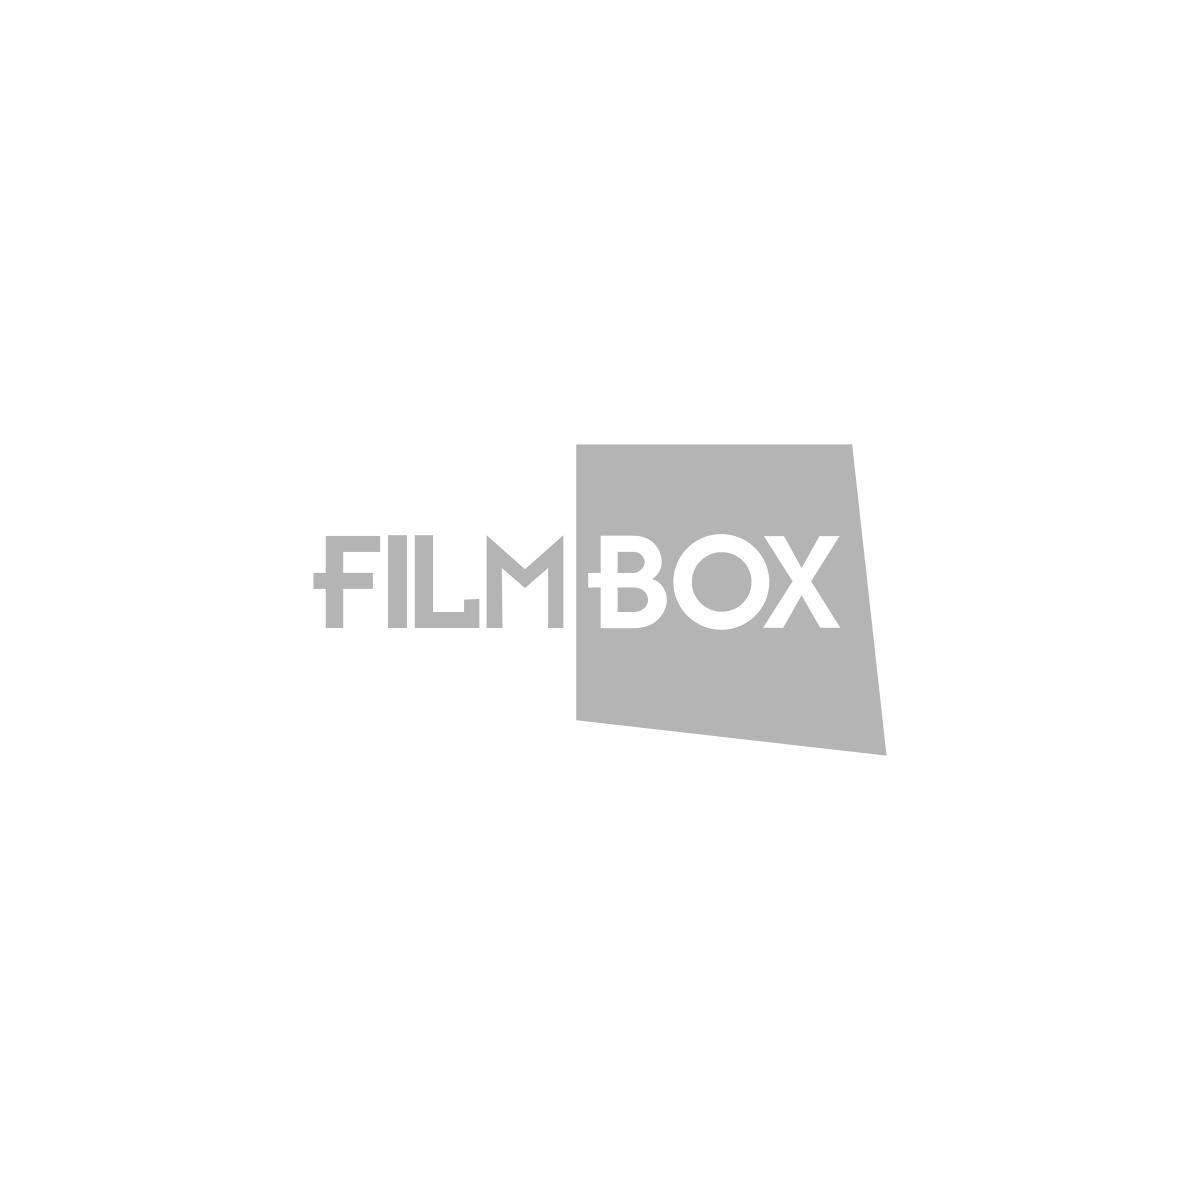 [klienti/FilmBox.png]